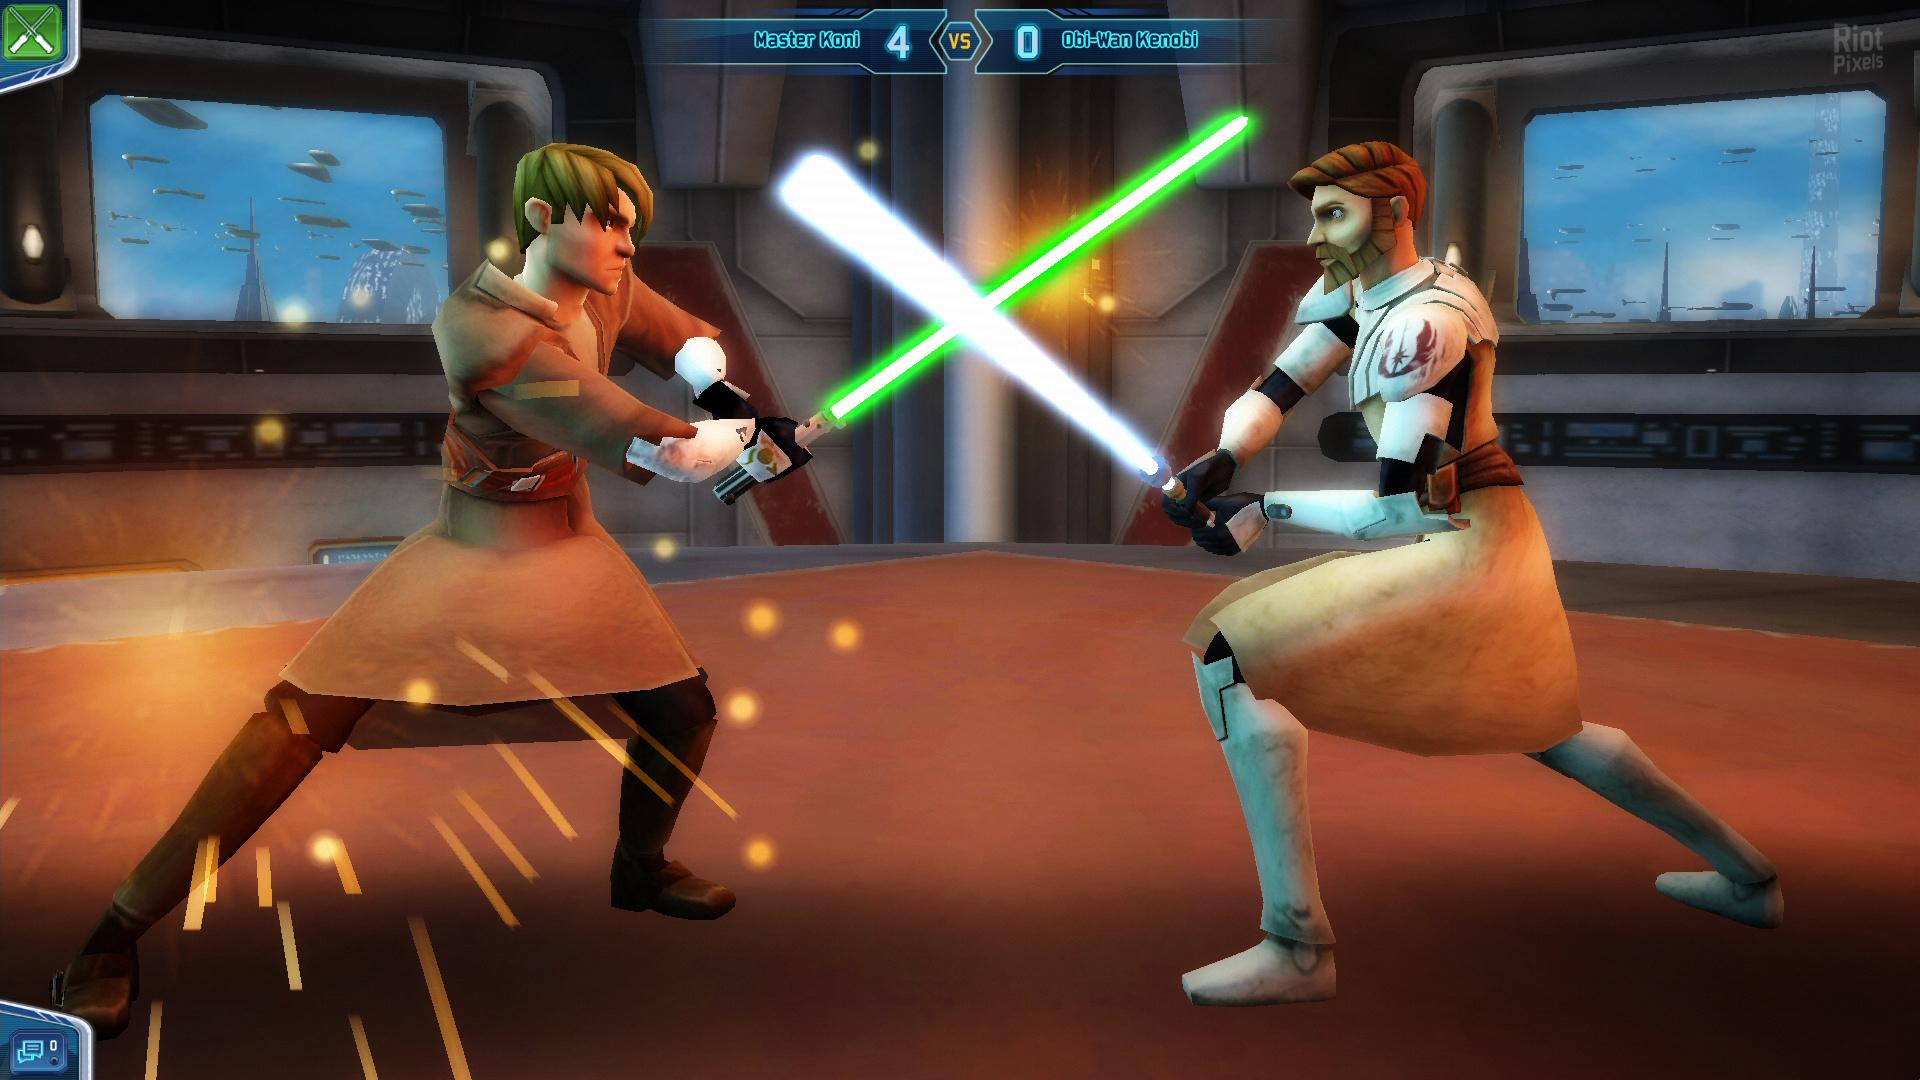 Star wars porn games kostenlos online pornos video